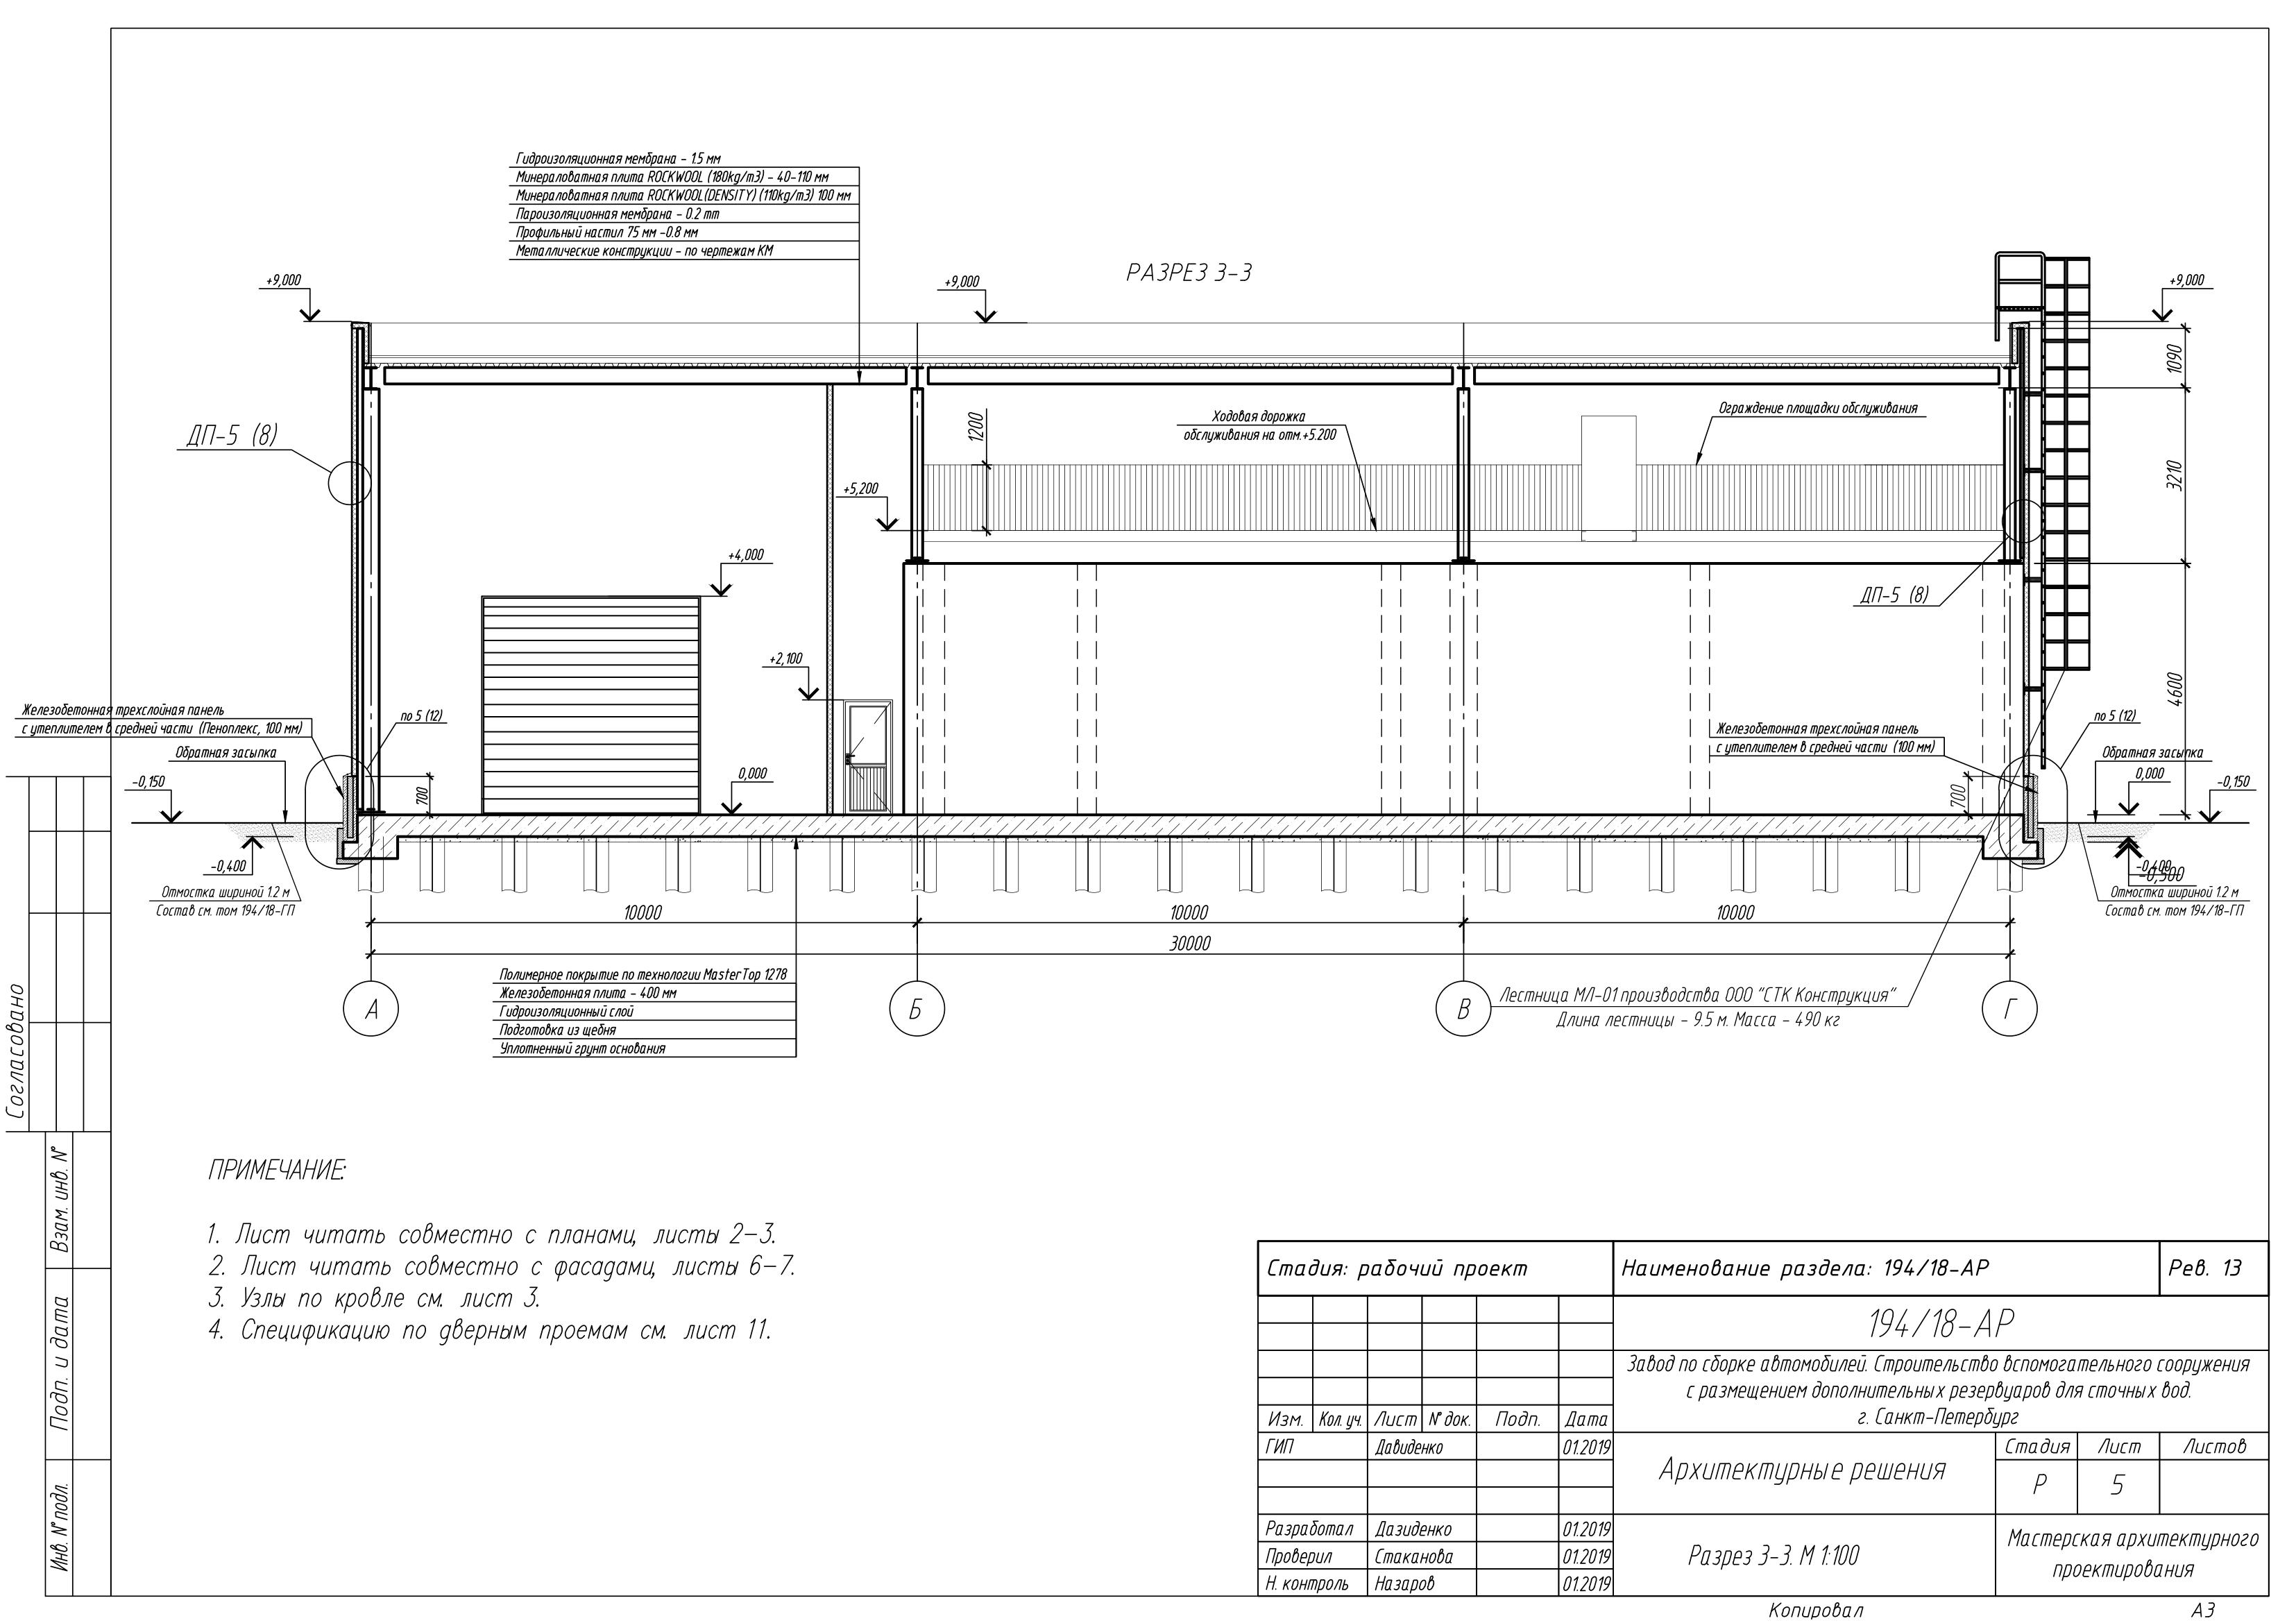 194_18-АР_рев-2